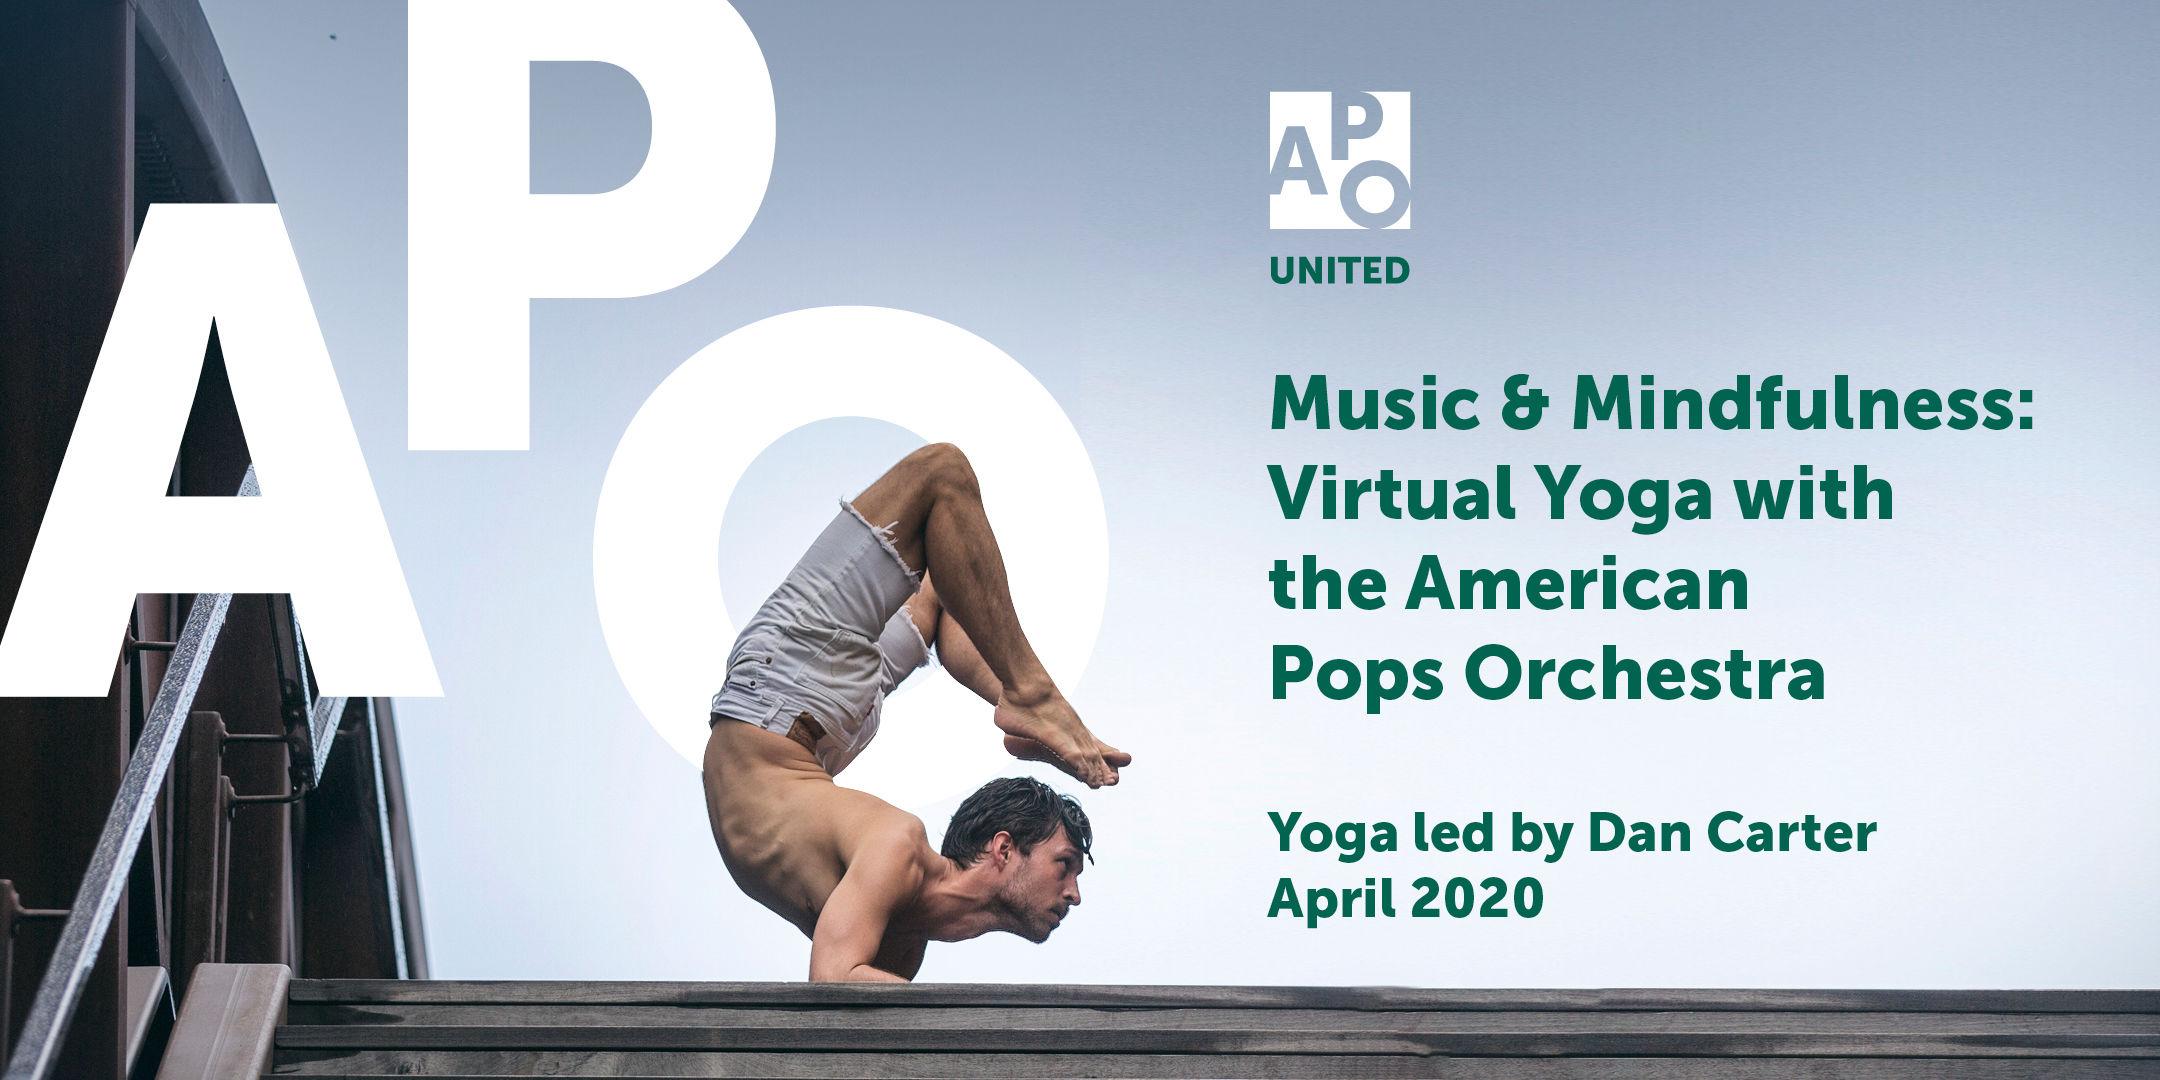 Dan Carter Yoga